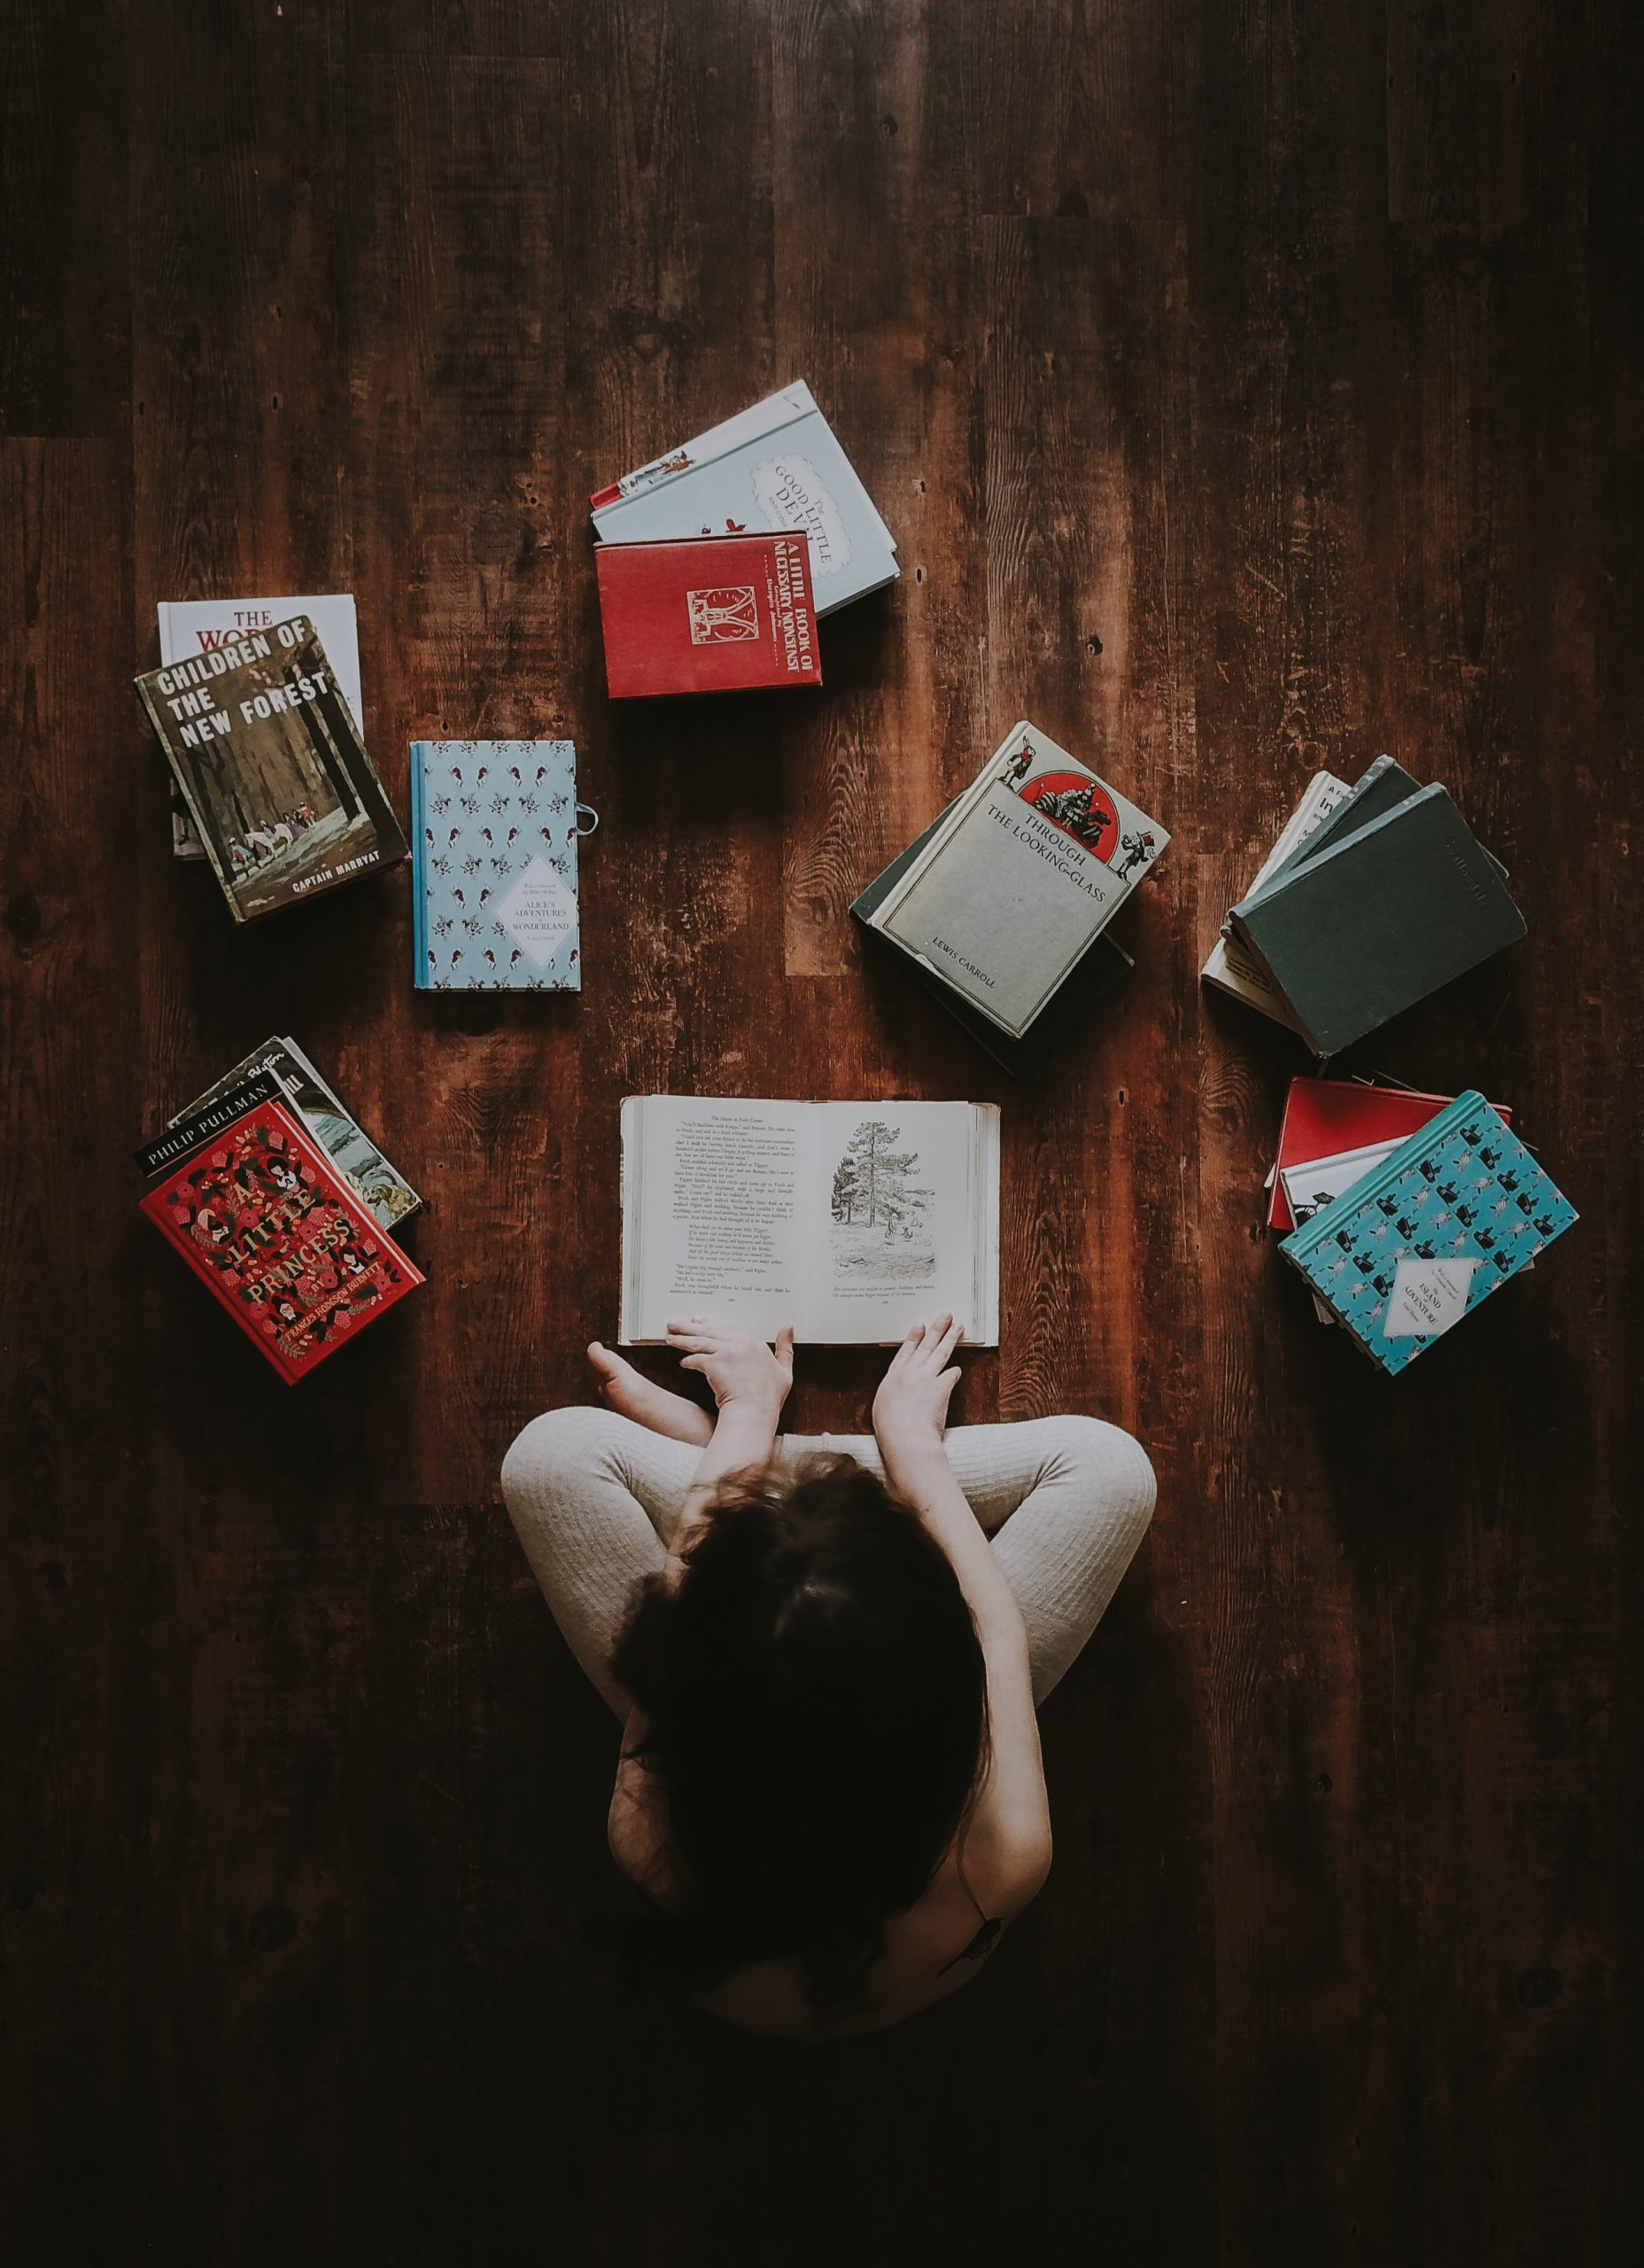 Η πανδημία στη λογοτεχνία: 6 κλασικά βιβλία για να διαβάζεις όσο βρίσκεσαι σε καραντίνα